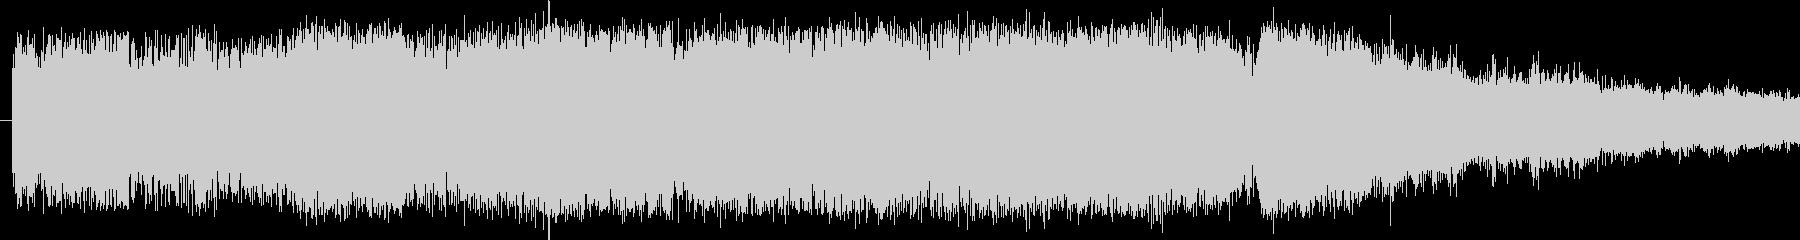 ドイツ新幹線ICE 発車音の未再生の波形